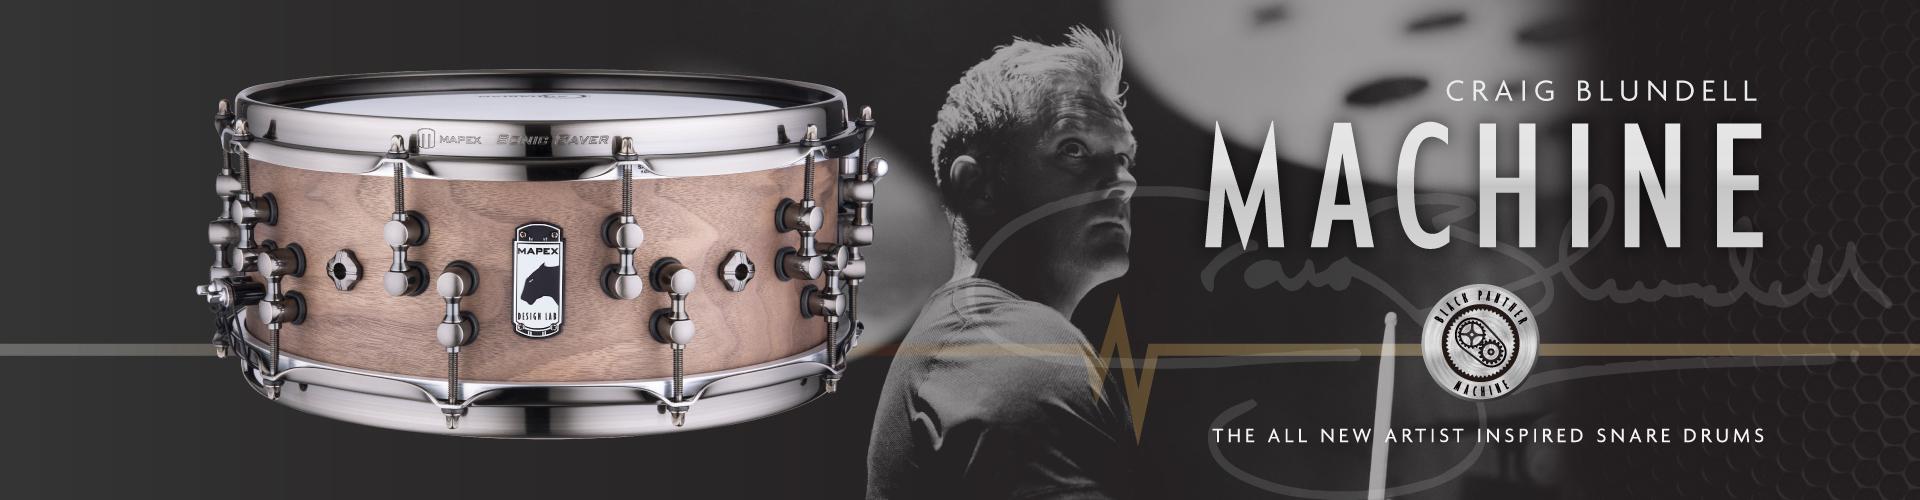 Machine - Craig Blundell Artist Snare